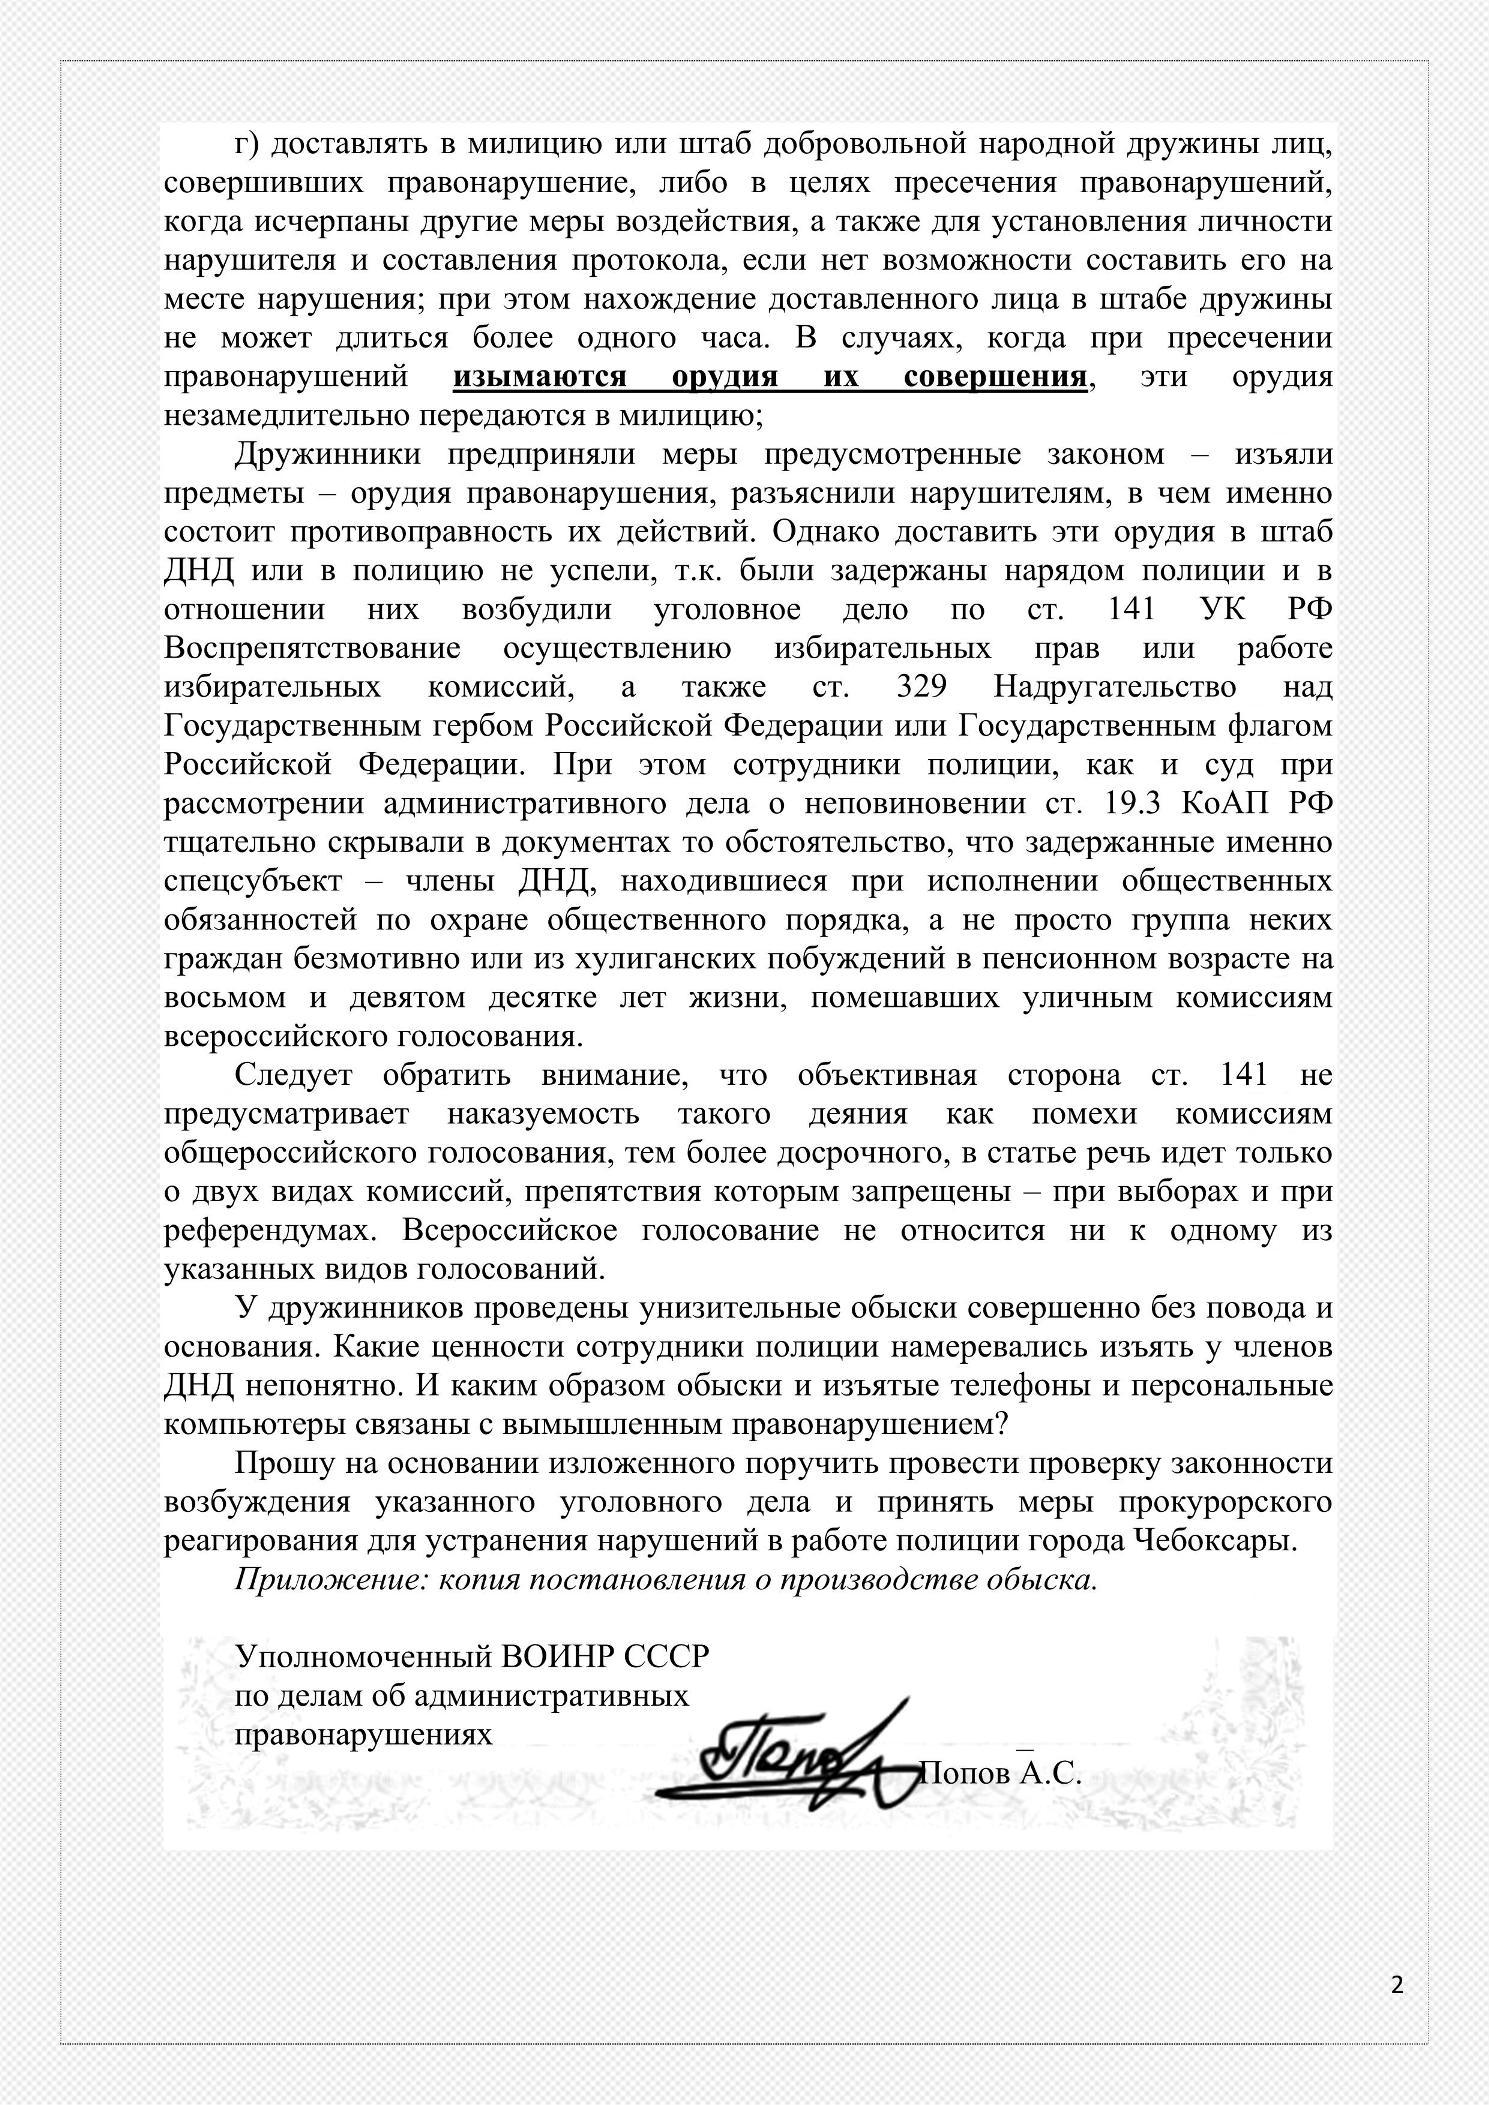 ДНД прокурору л.2